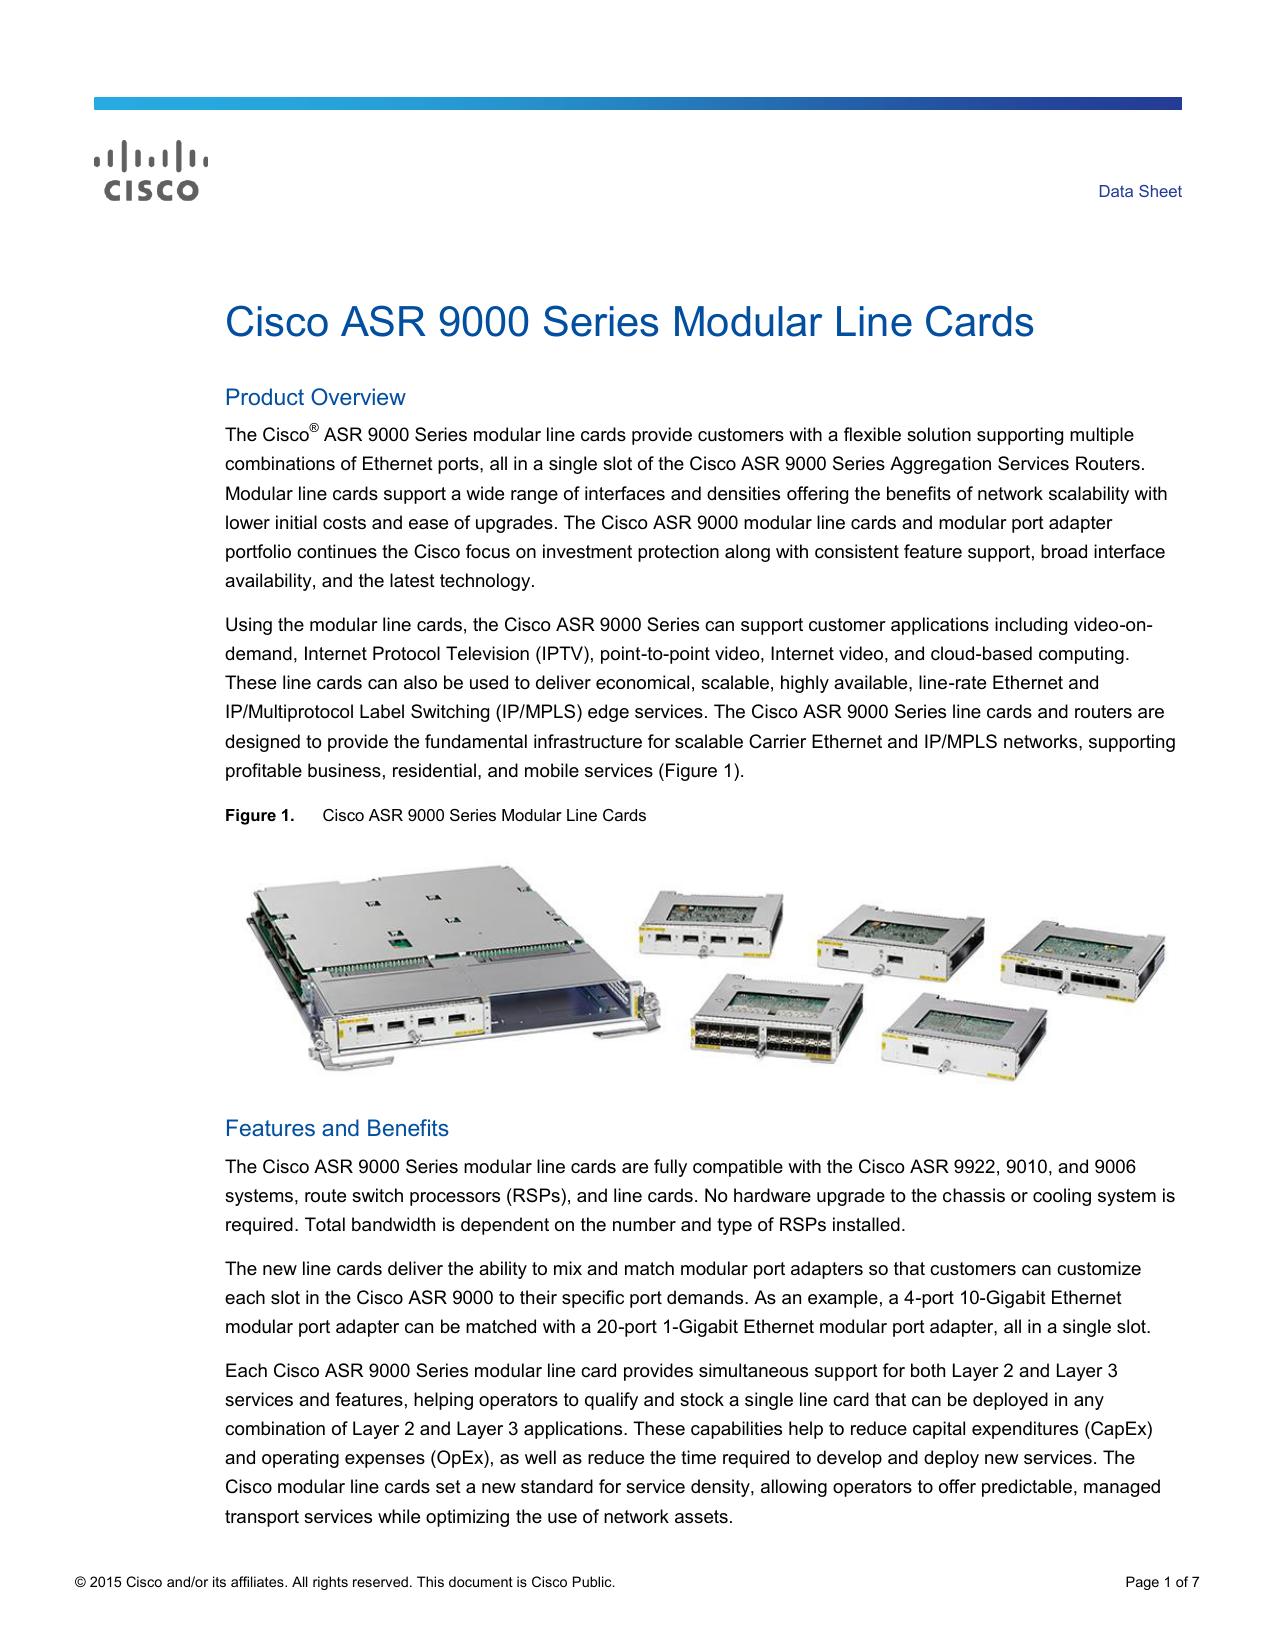 Cisco ASR 9000 Series Modular Line Cards Data Sheet